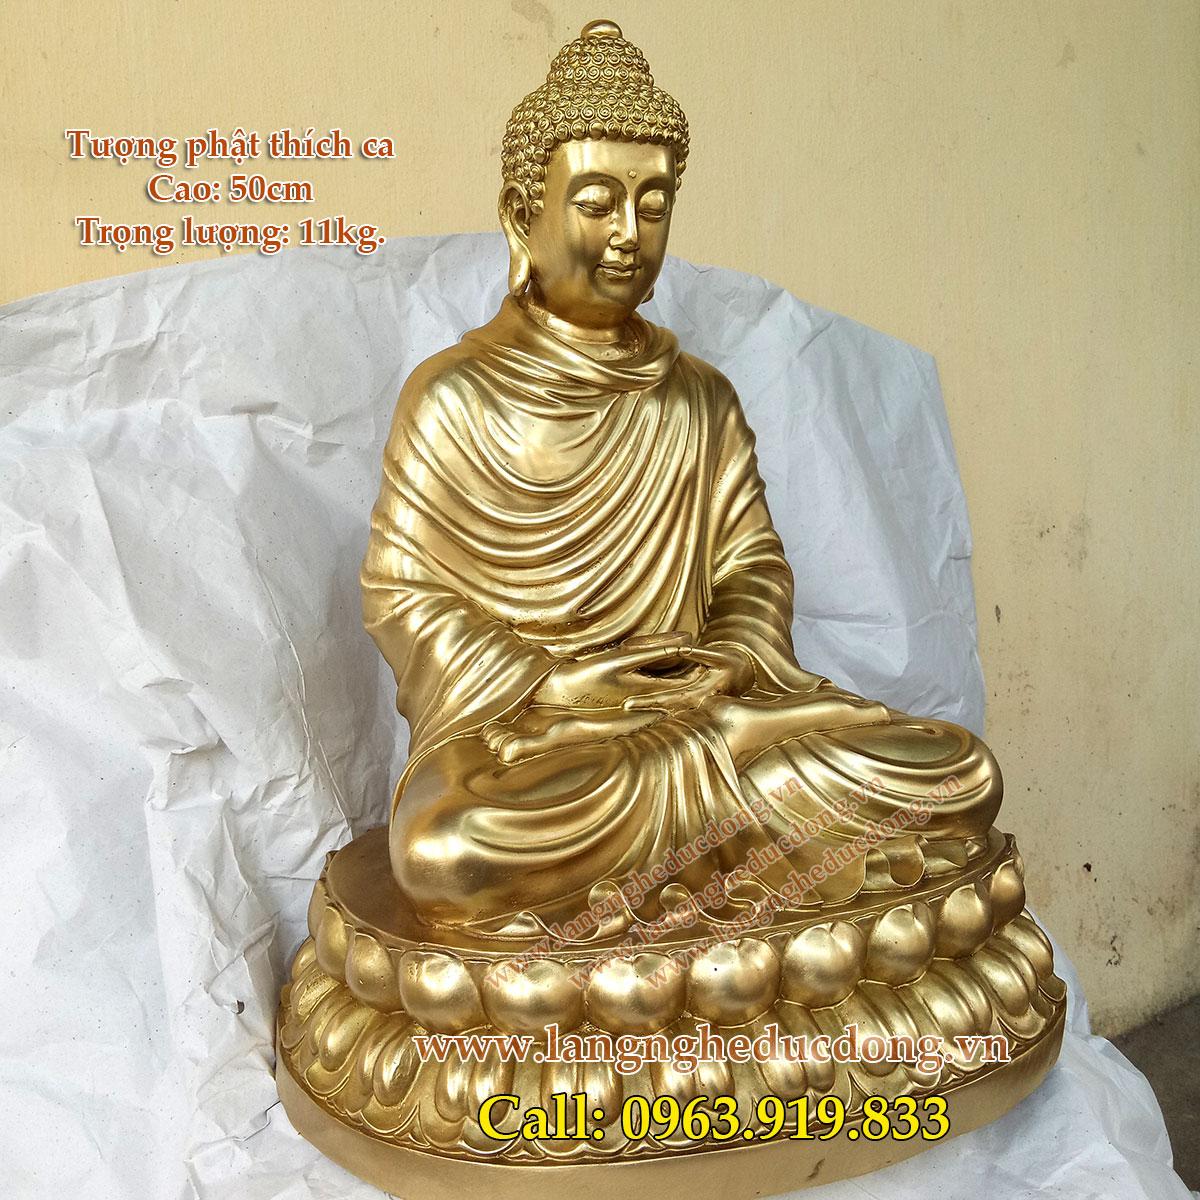 5 Tượng phật Thích Ca cao 50cm, tượng đồng thờ cúng, tượng thích ca bằng đồng vàng